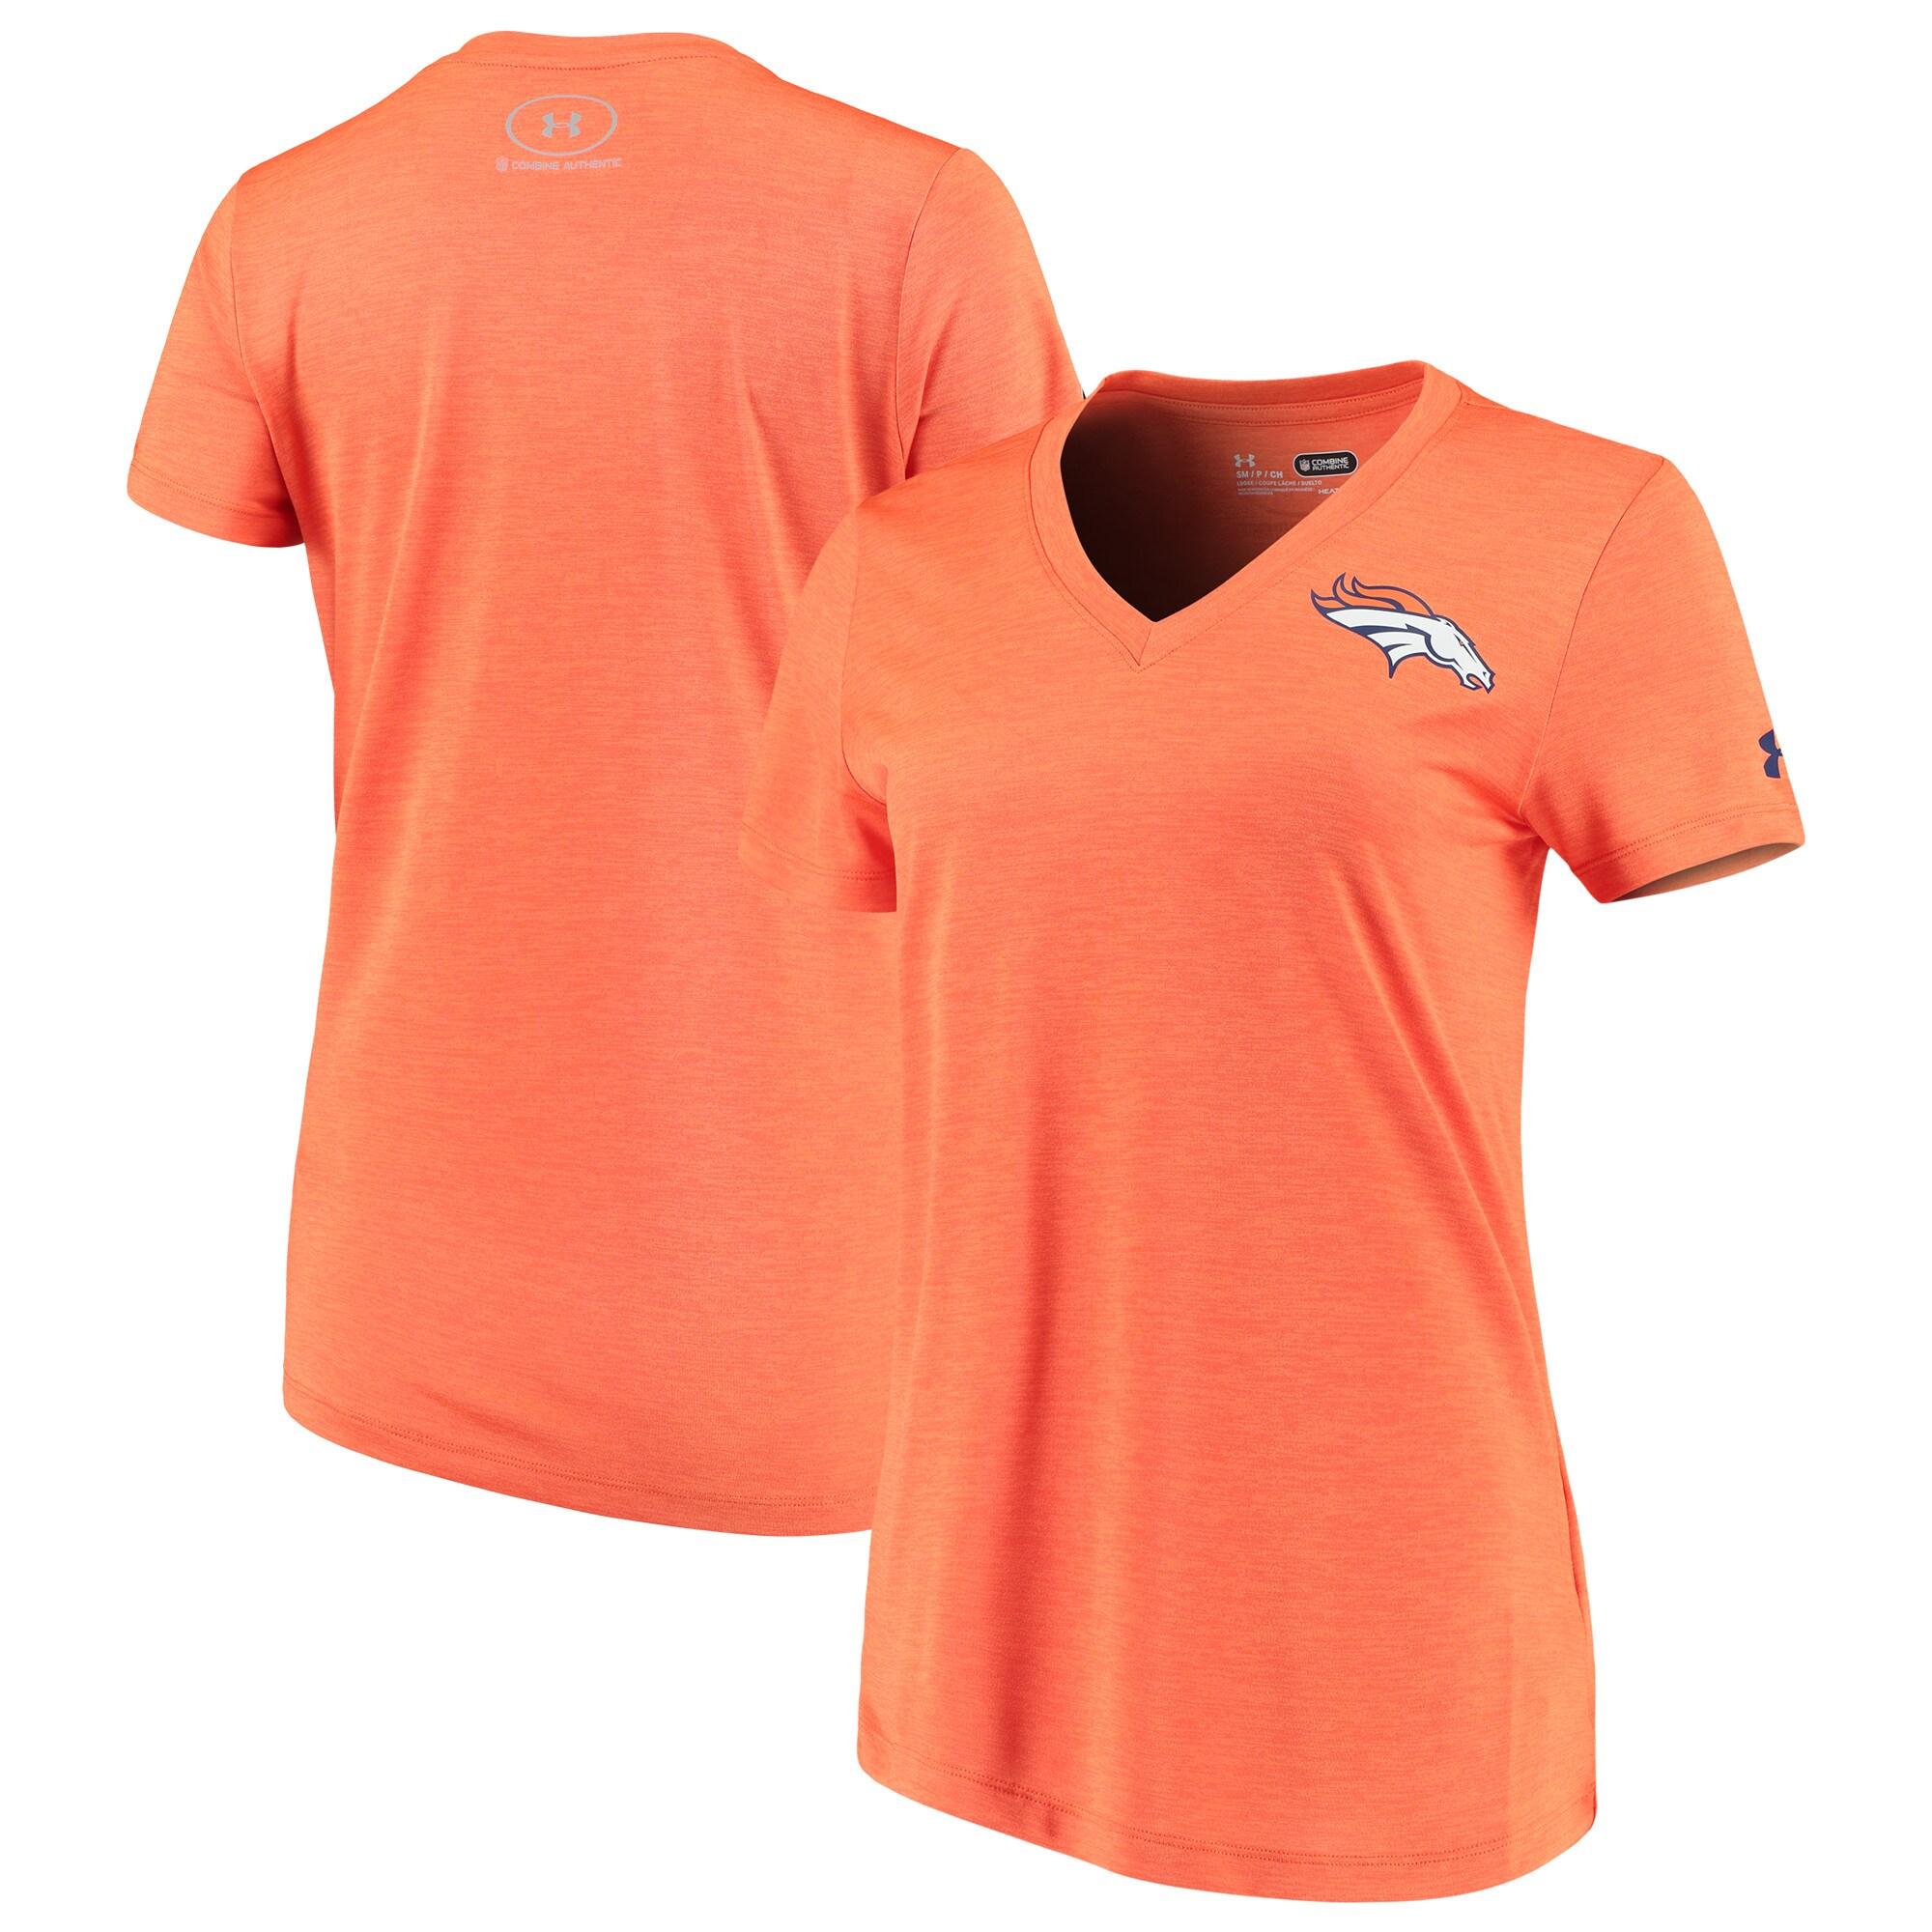 Denver Broncos Under Armour Women's Combine Authentic Novelty Performance V-Neck T-Shirt - Orange